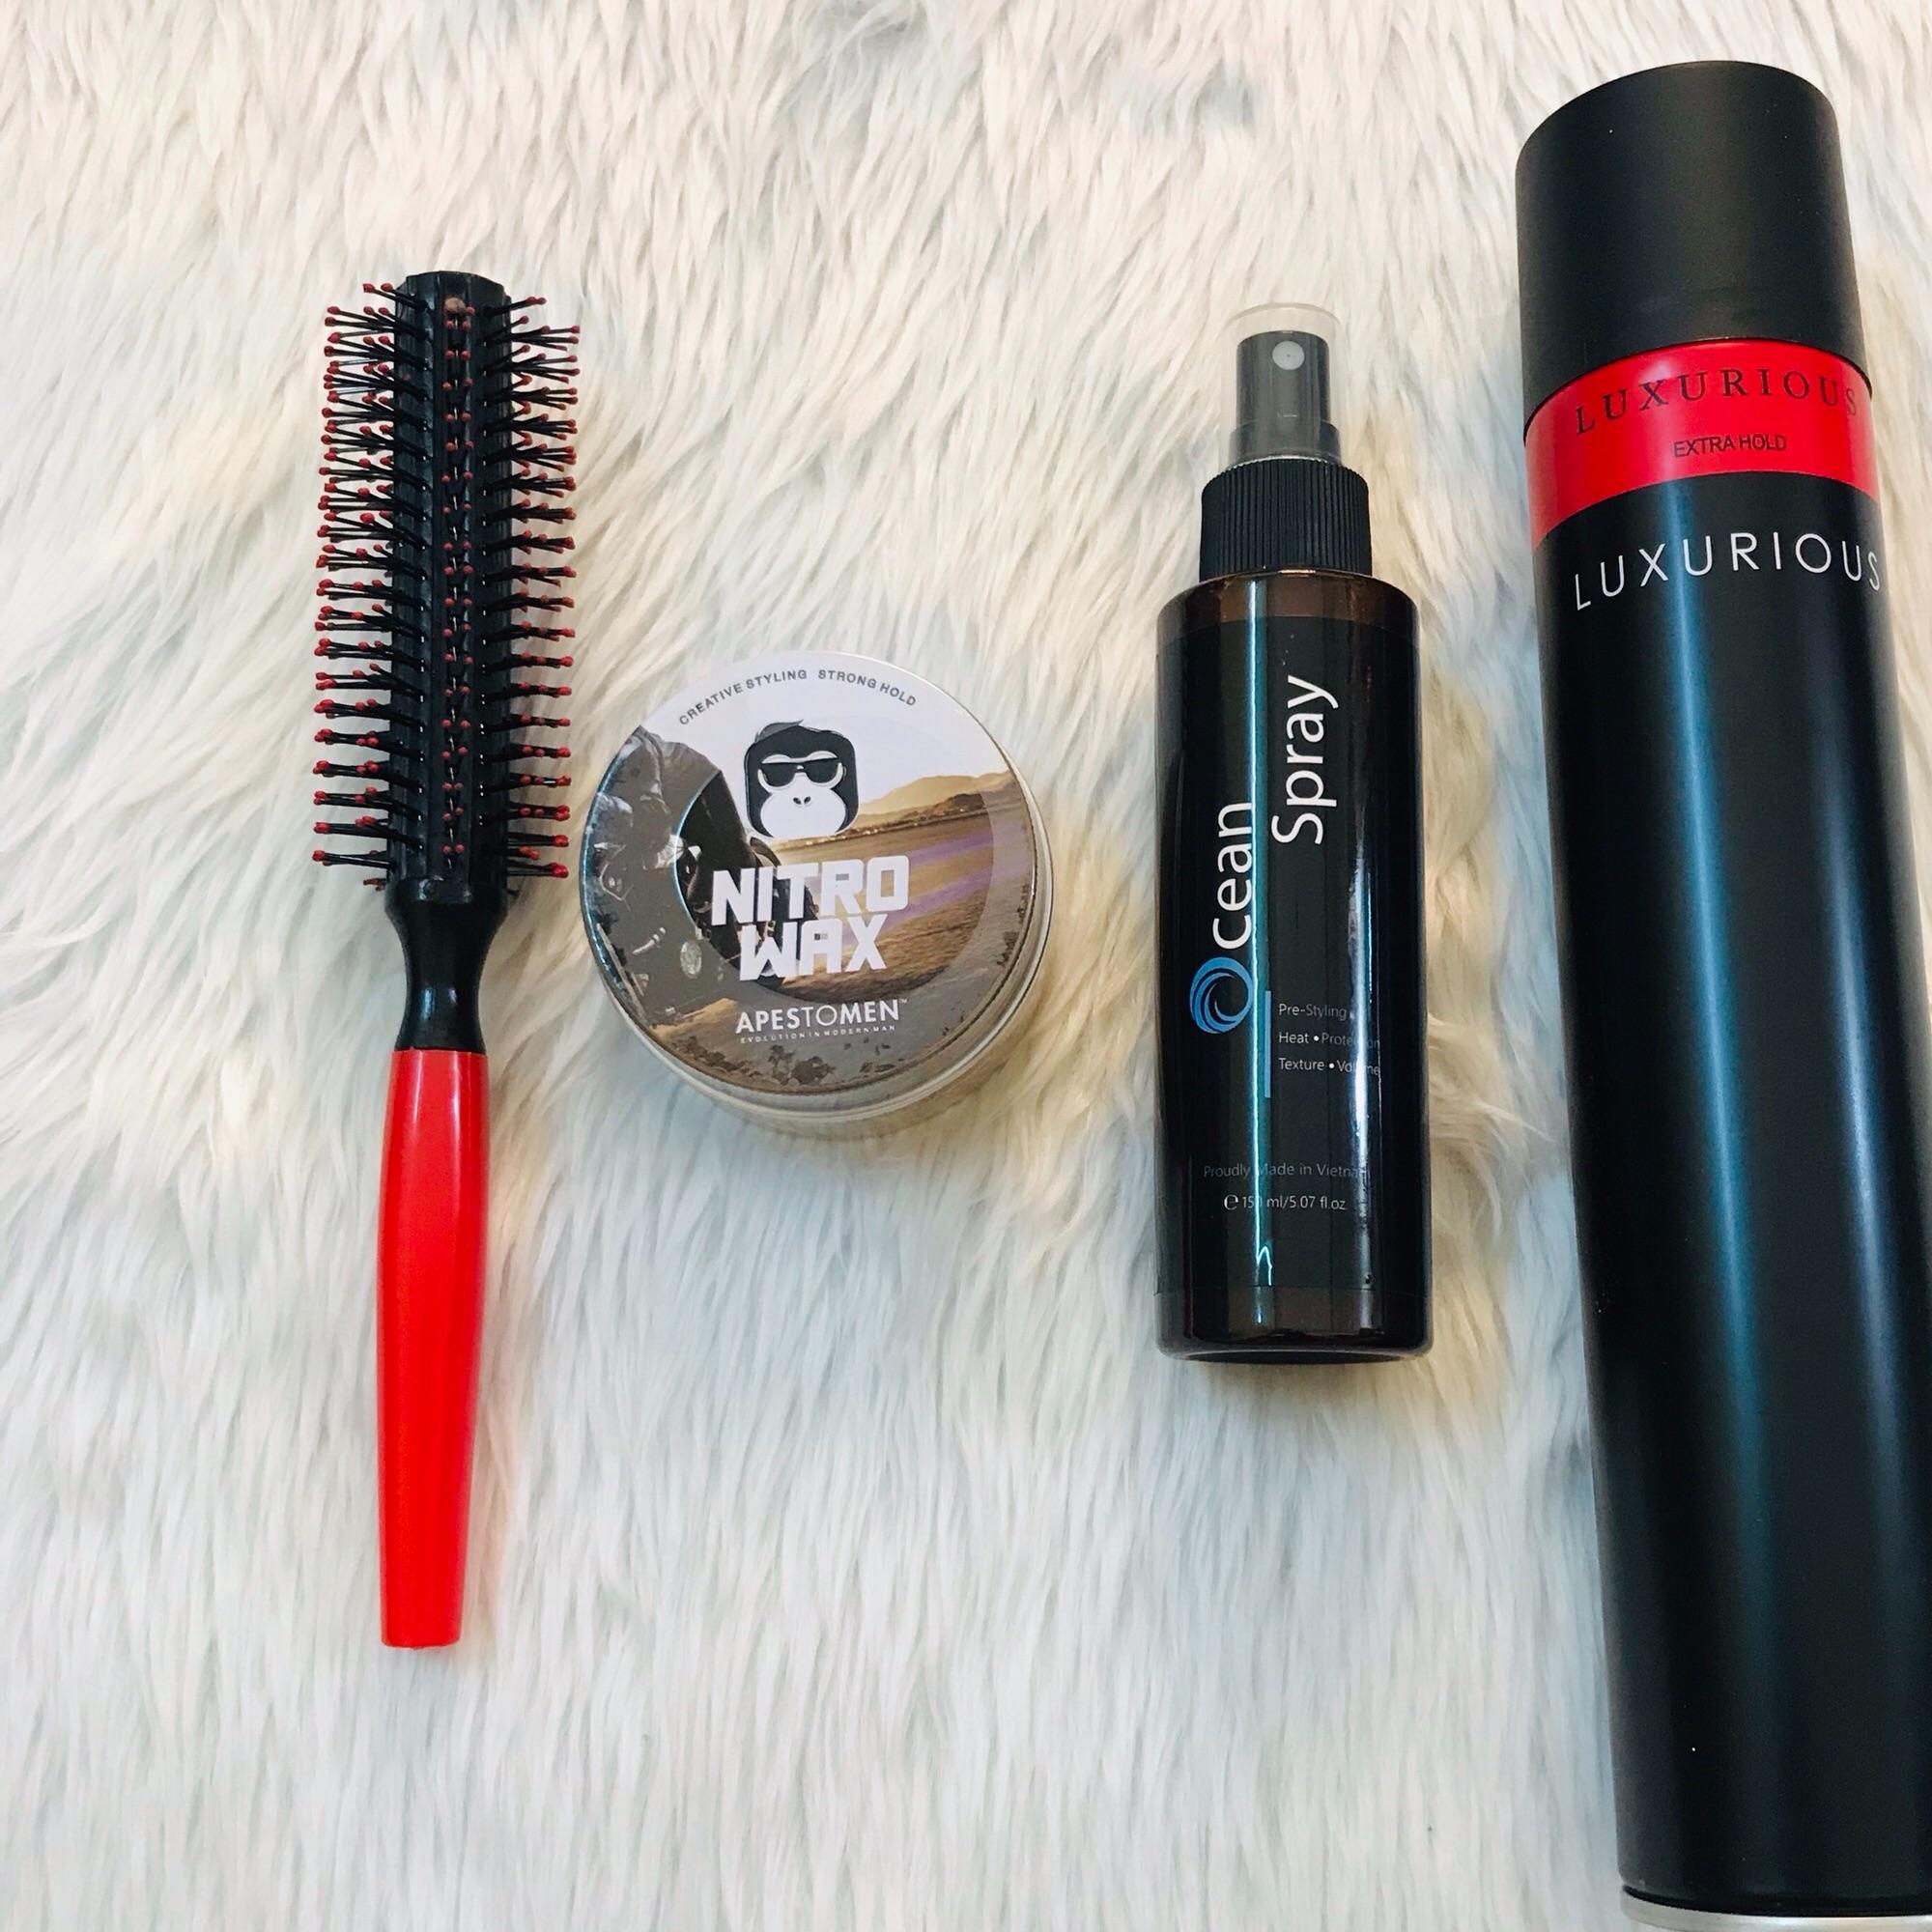 Combo sáp vuốt tóc Nitro Wax nắp nhôm + gôm Luxurious + Ocean Spray + lược tròn